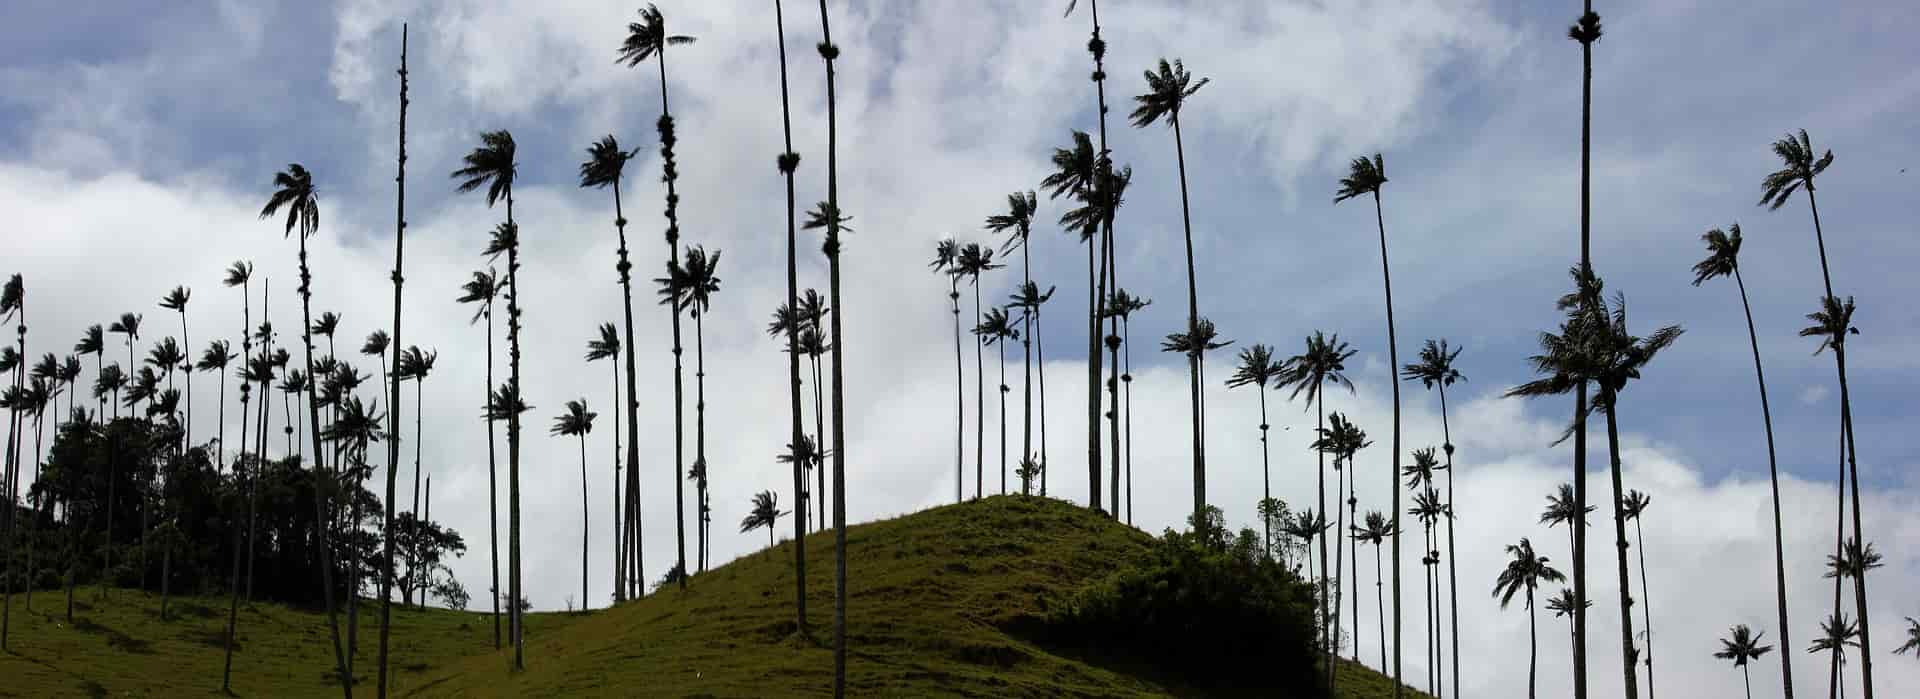 Qué visitar en colombia en 15 días 1